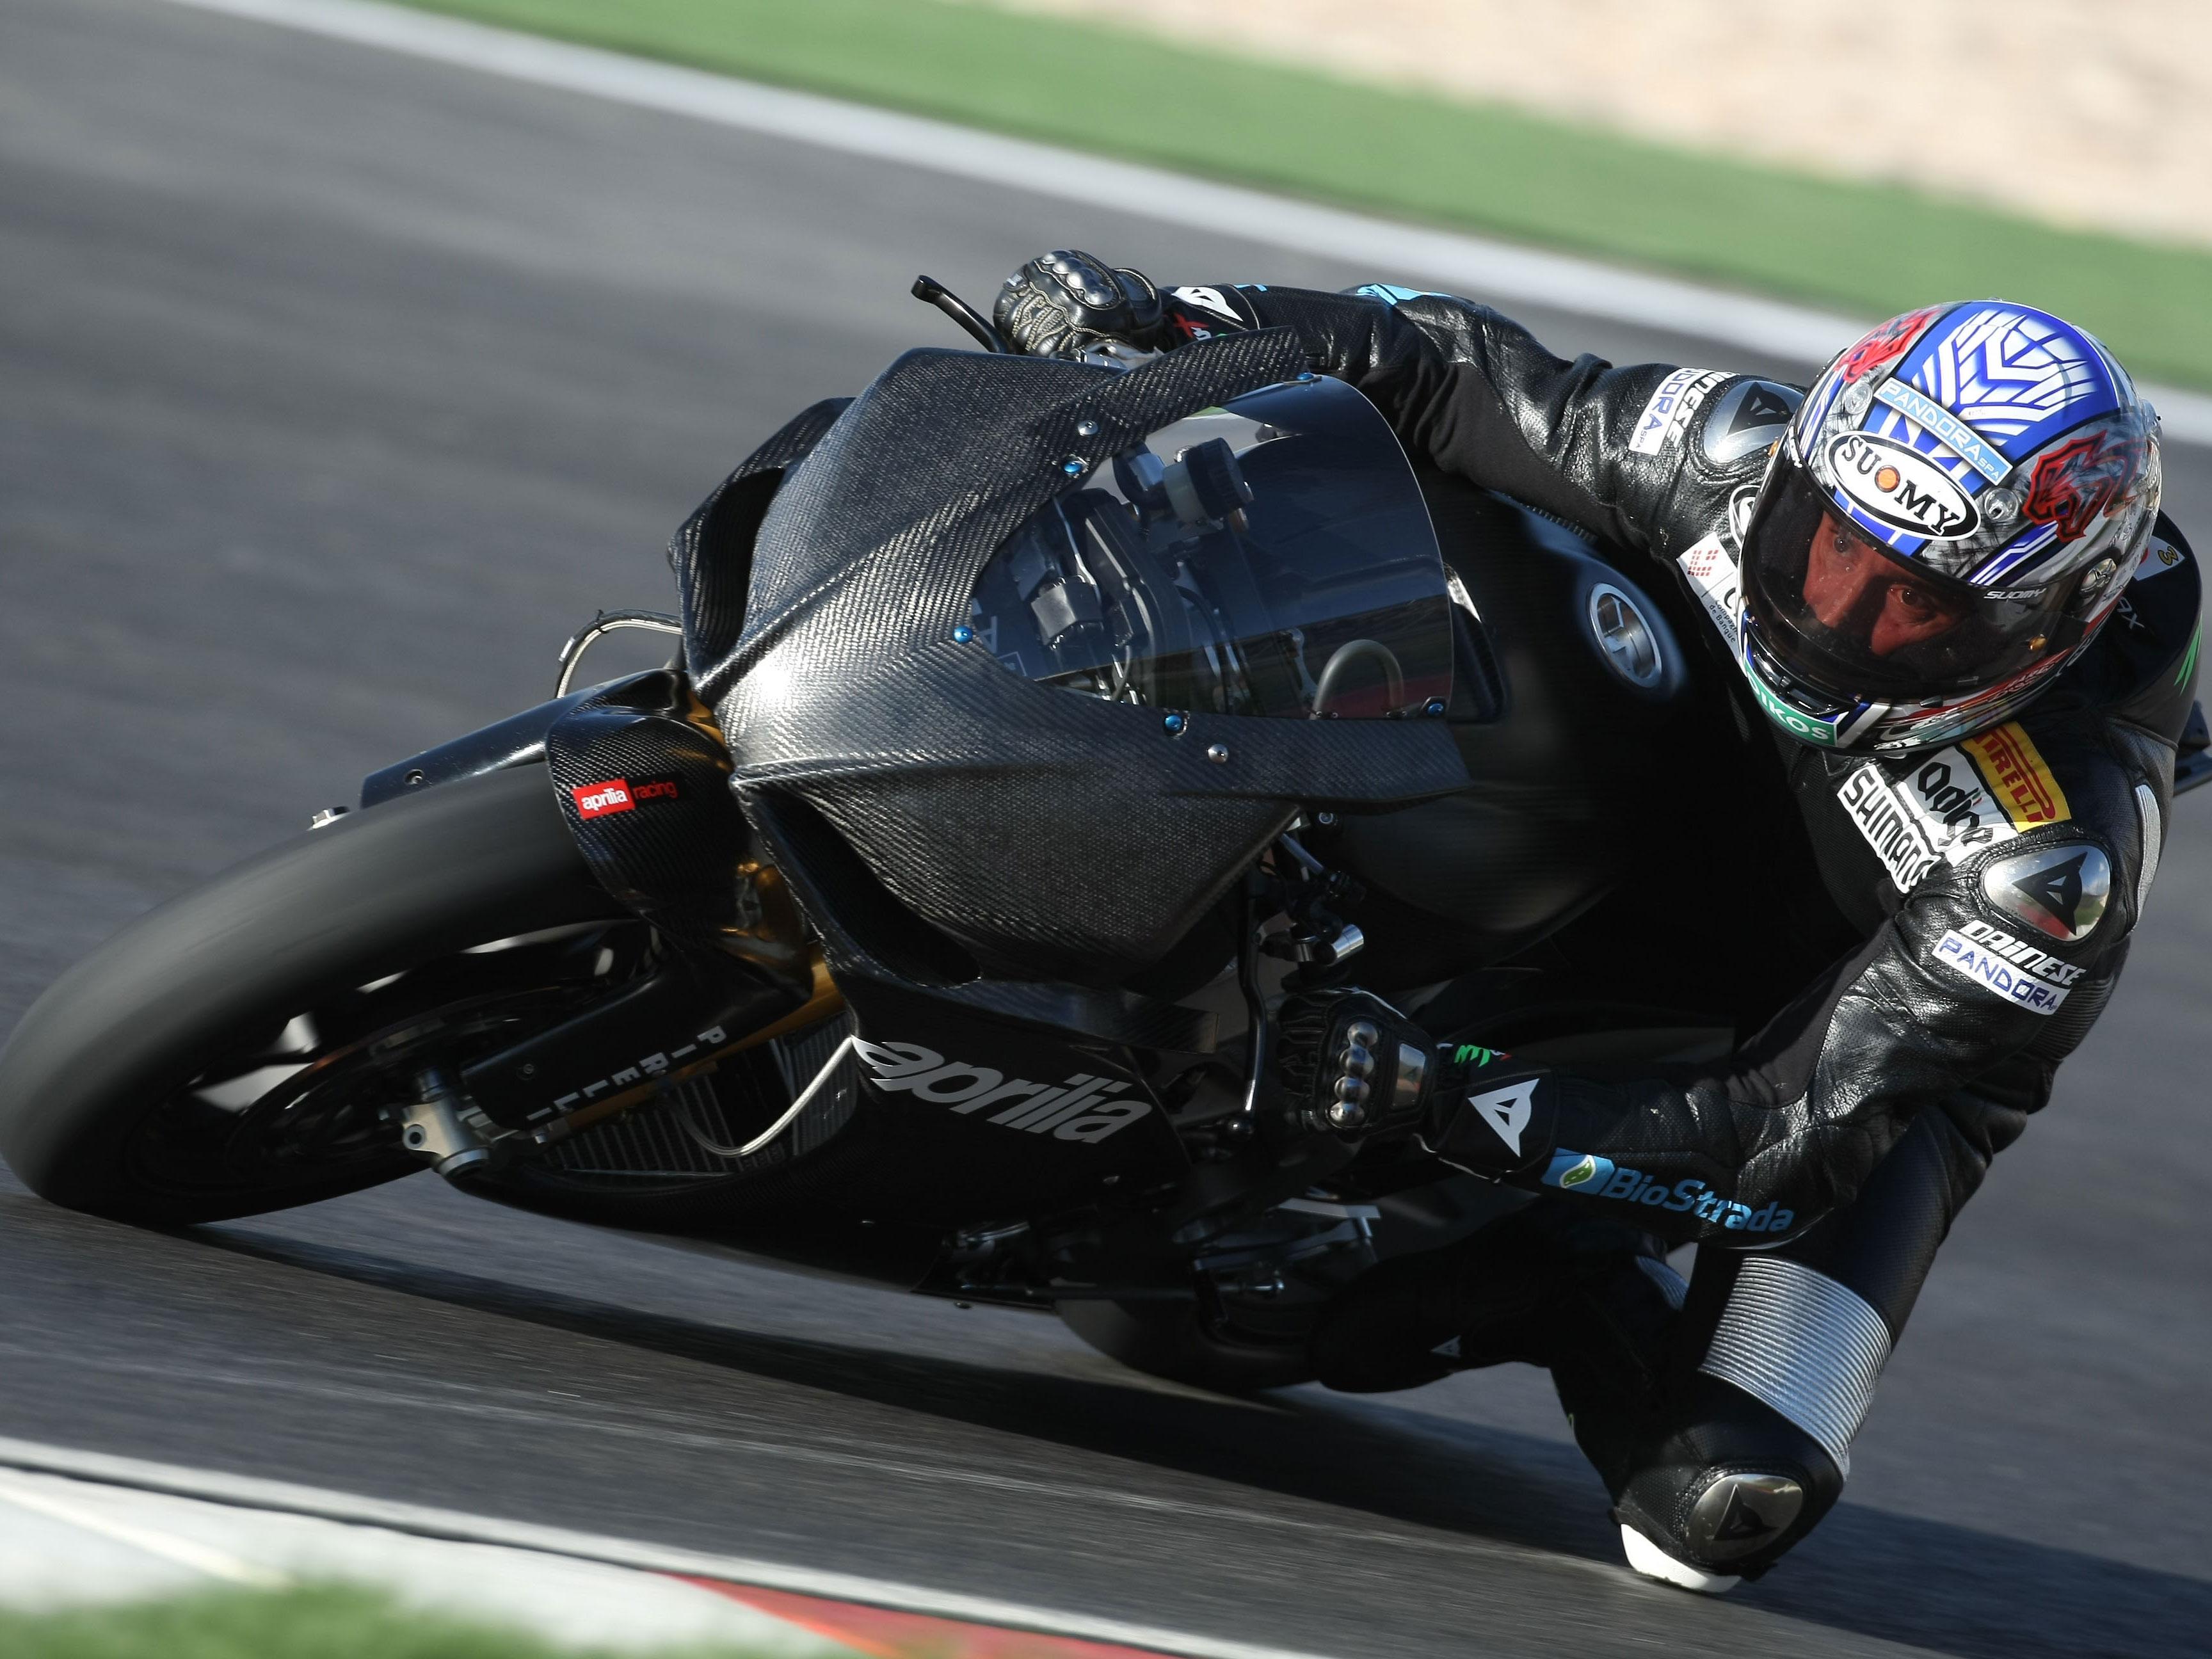 Simoncelli probará la RSV-4 de Biaggi en Valencia